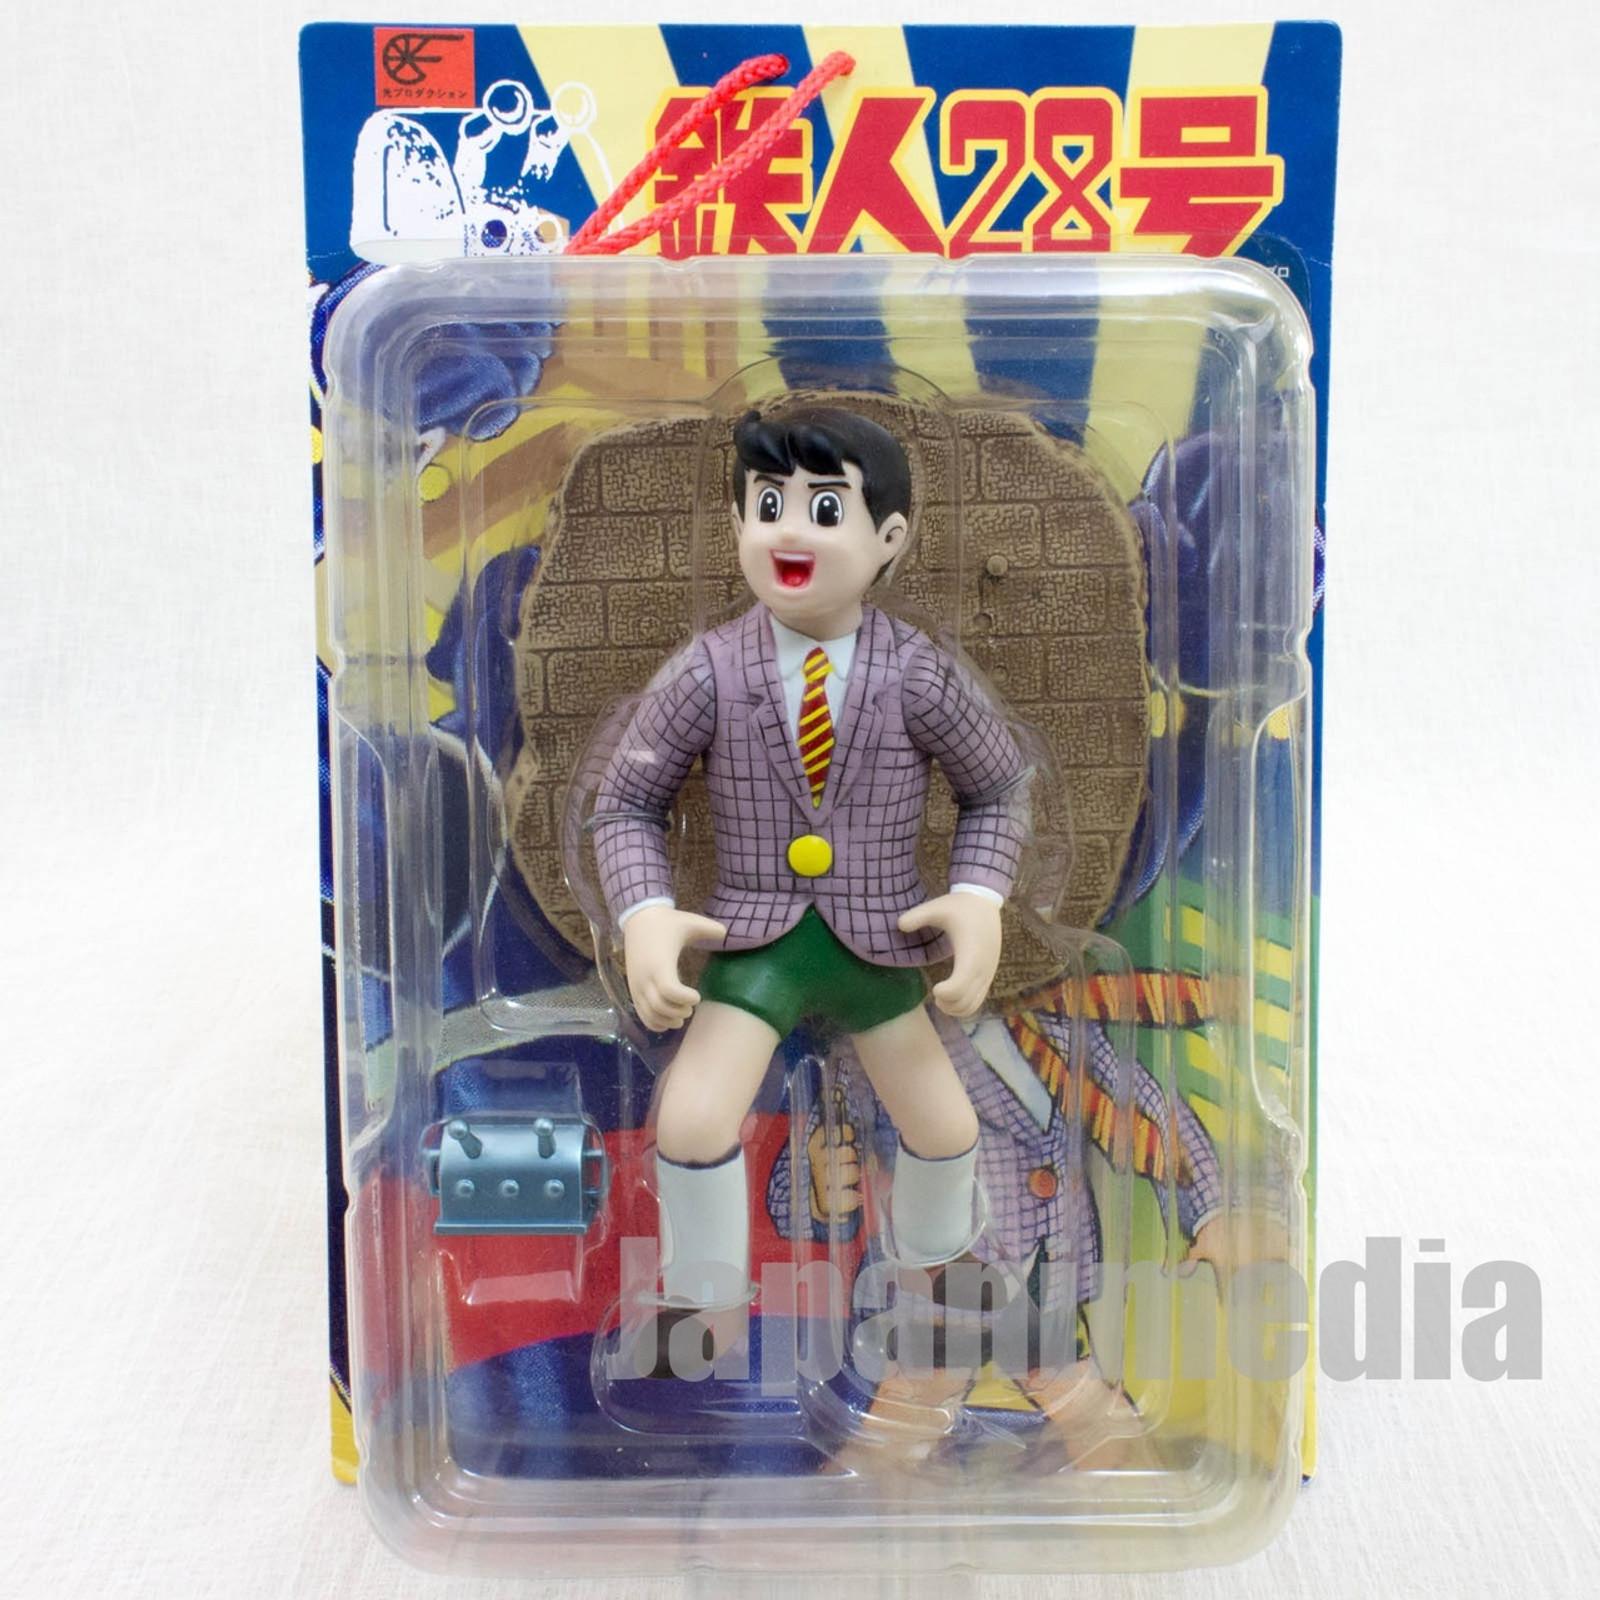 Gigantor Tetsujin 28 Shotaro Kaneda Soft Figure Mitsuteru Yokoyama SEGA JAPAN ANIME